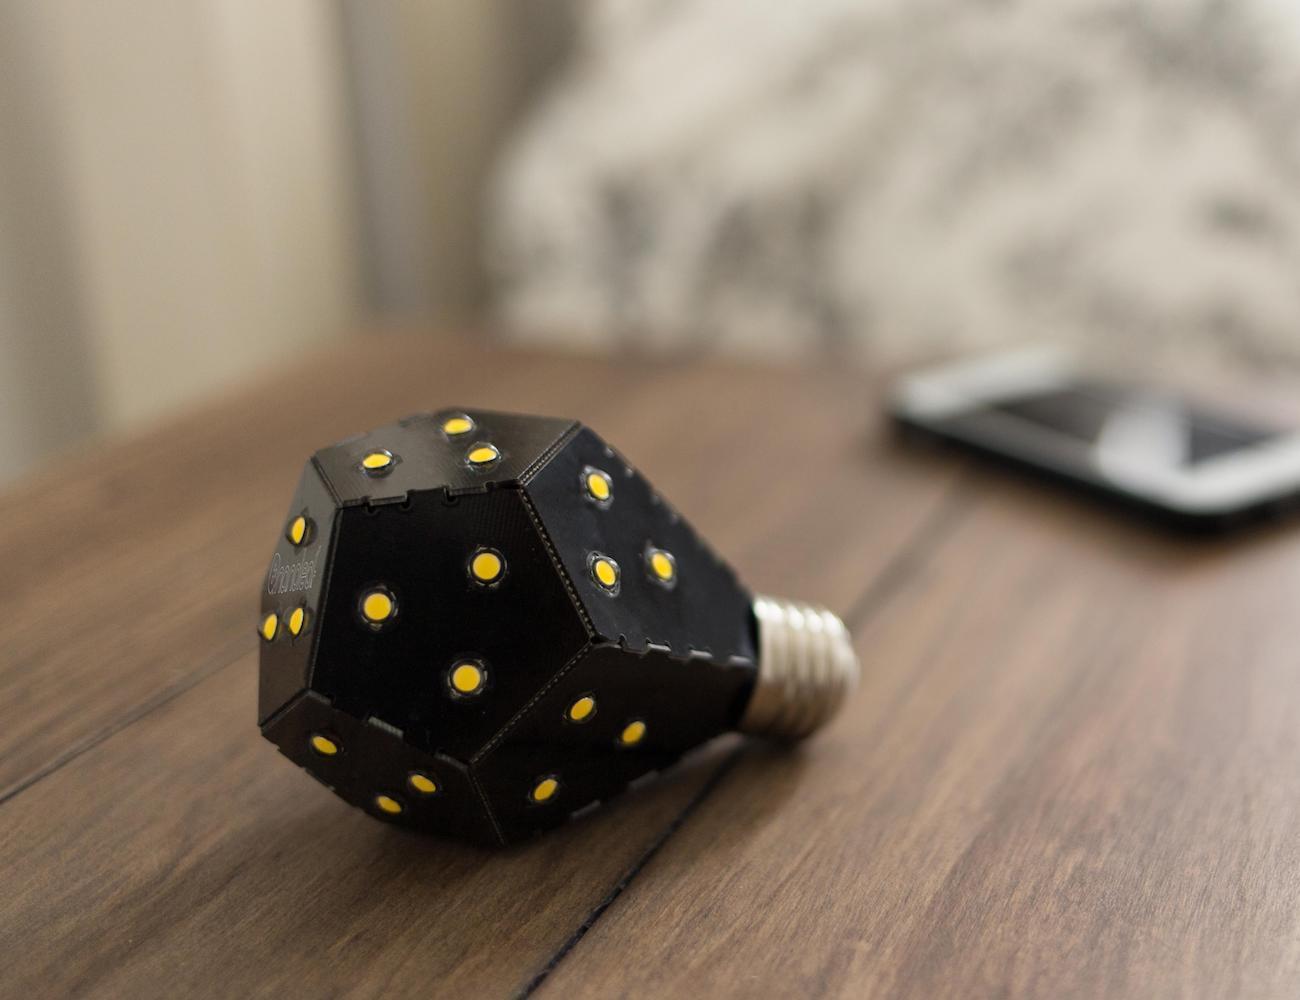 Ivy+Smarter+Kit+LED+Lighting+Kit+By+Nanoleaf